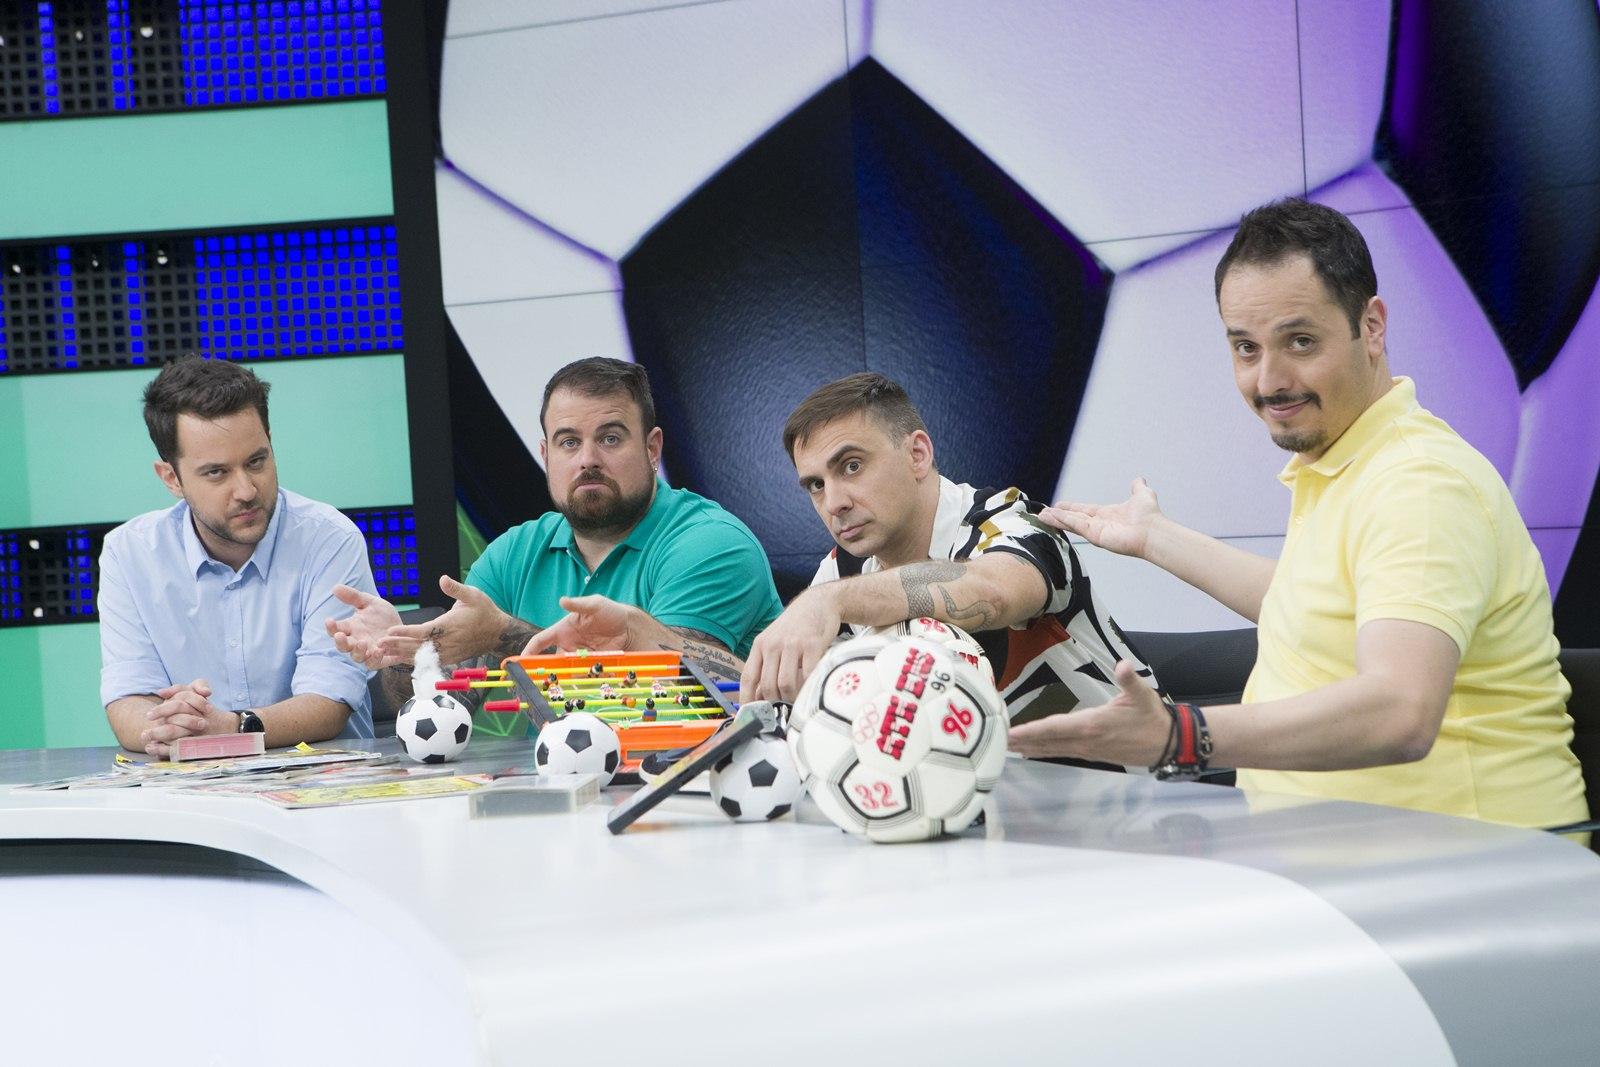 «Στο Πλεχτό»: η νέα χιουμοριστική εκπομπή για το ποδόσφαιρο, σε παραγωγή COSMOTE TV